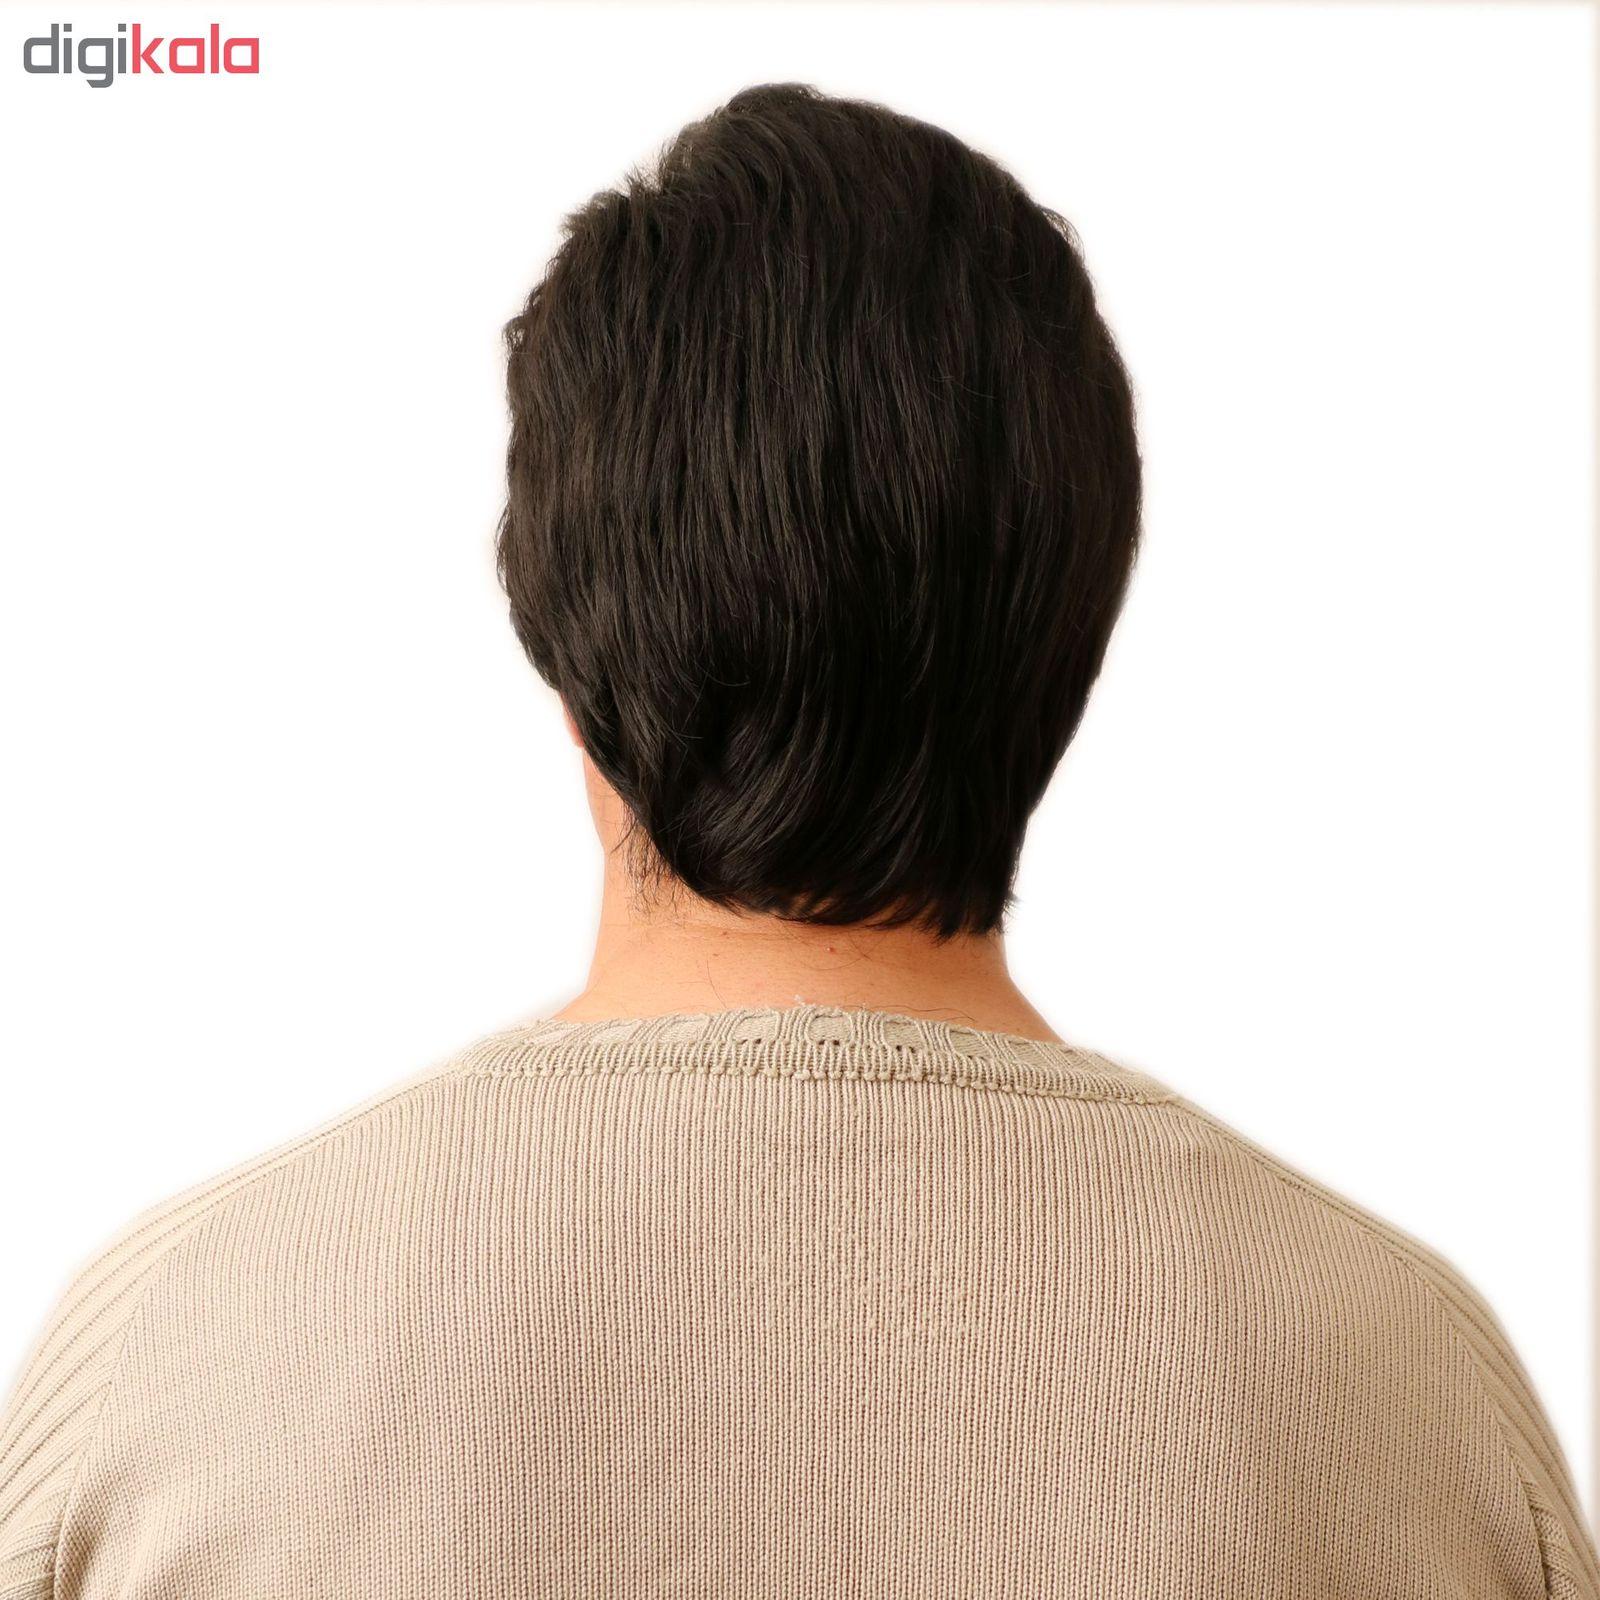 کلاه گیس مردانه حرارت پذیر کد sxno929-4 main 1 3